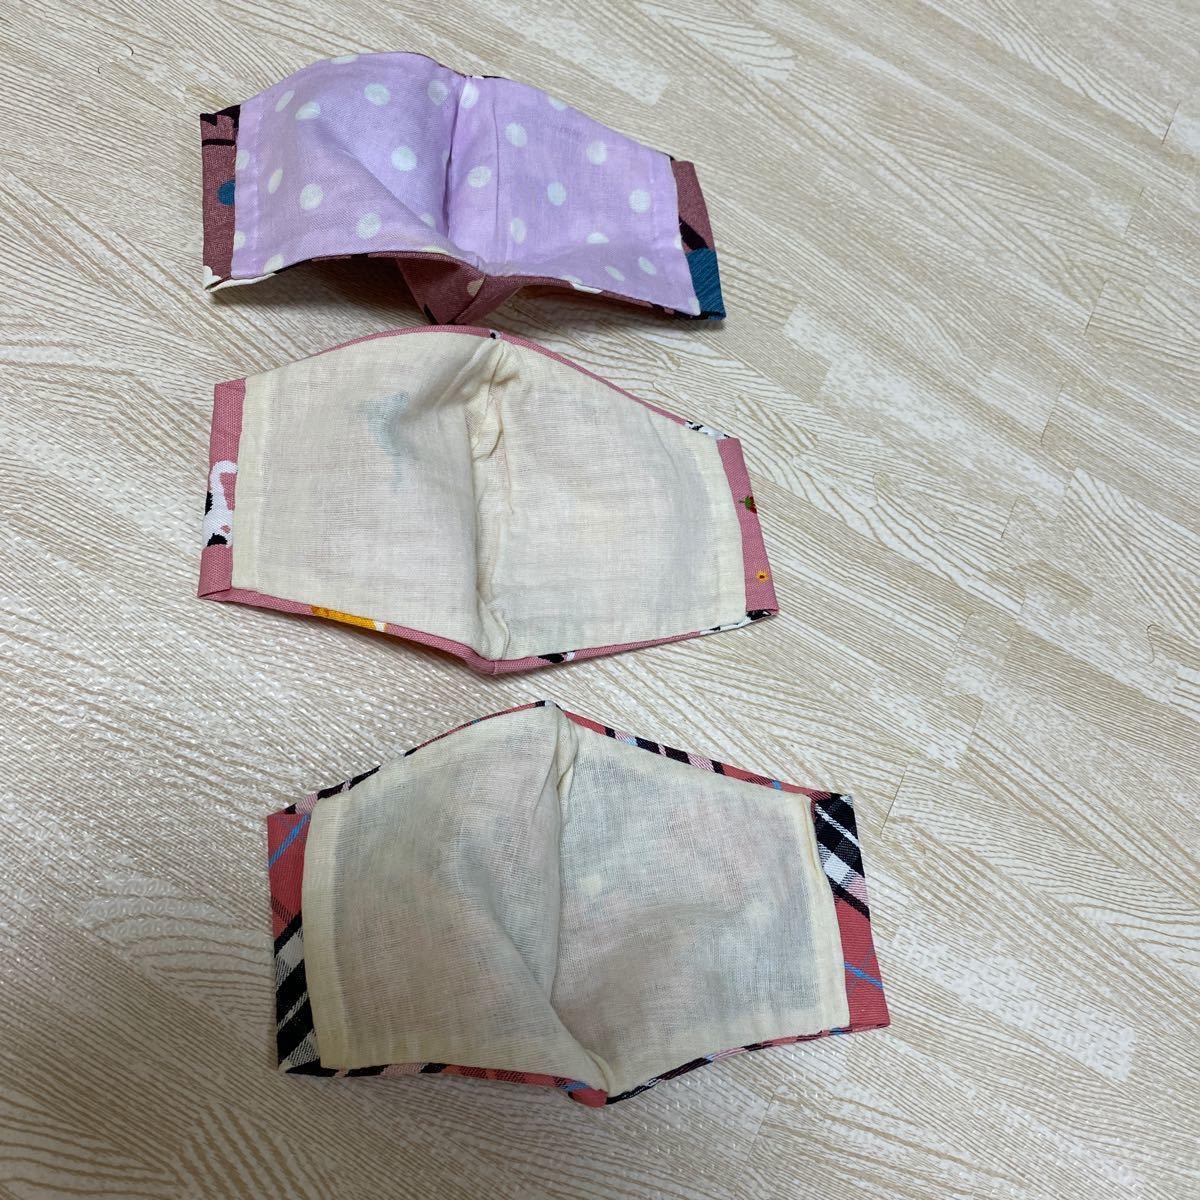 インナーガーゼ インナーカバー チェック柄ピンク 花柄 猫柄 cat 春 立体 NO.5 立体 カジュアル 収納ポケット付